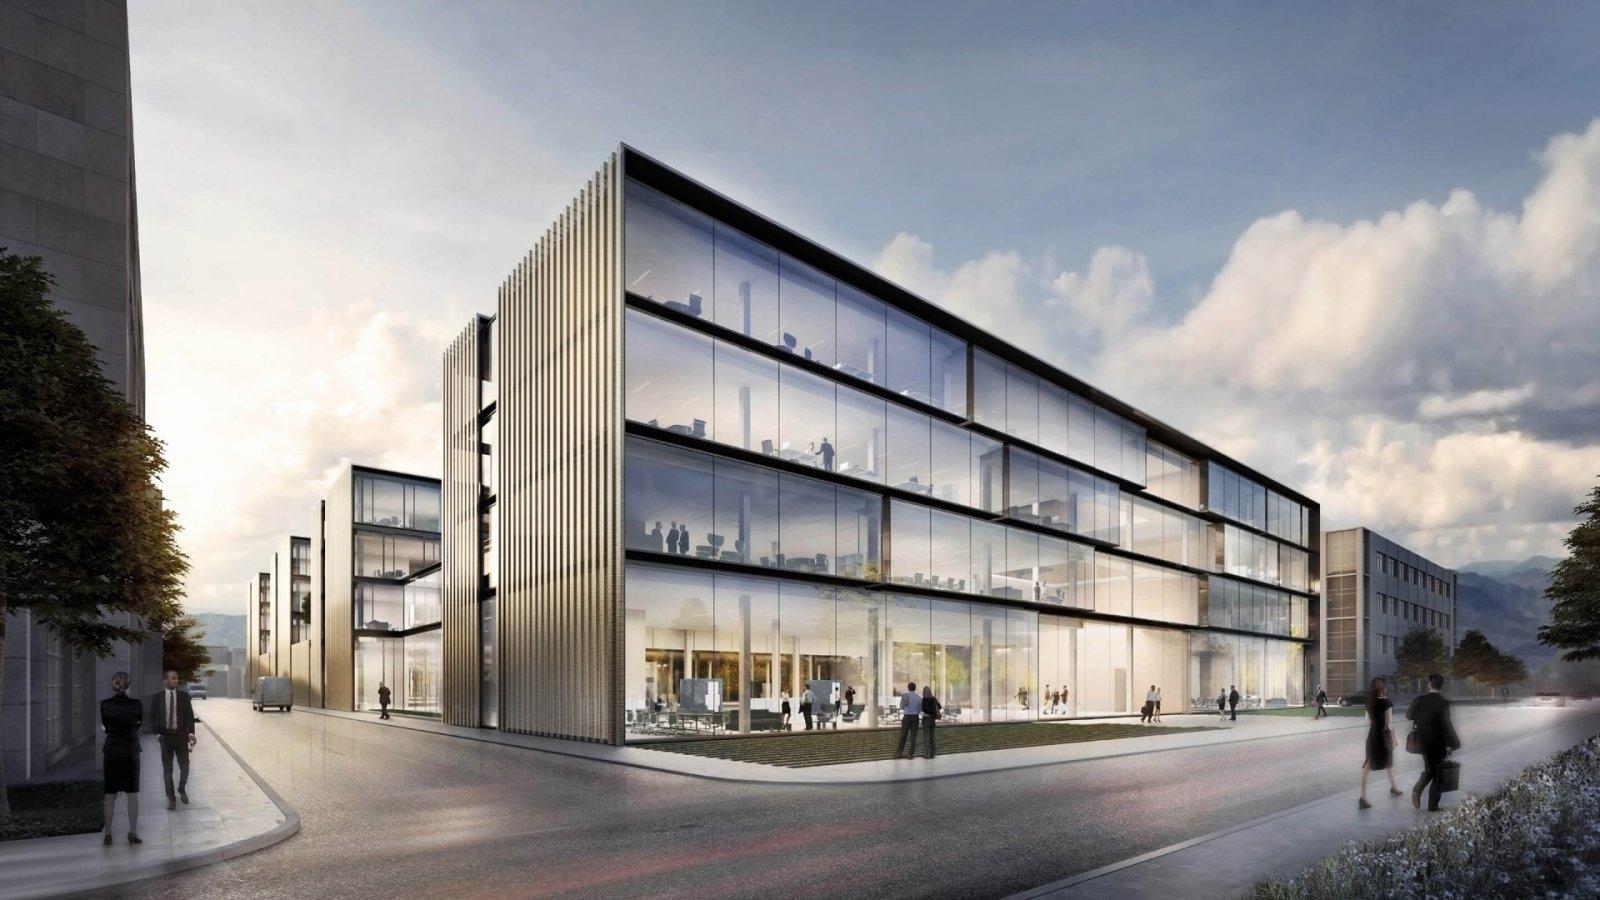 WIKA Research & Development Center